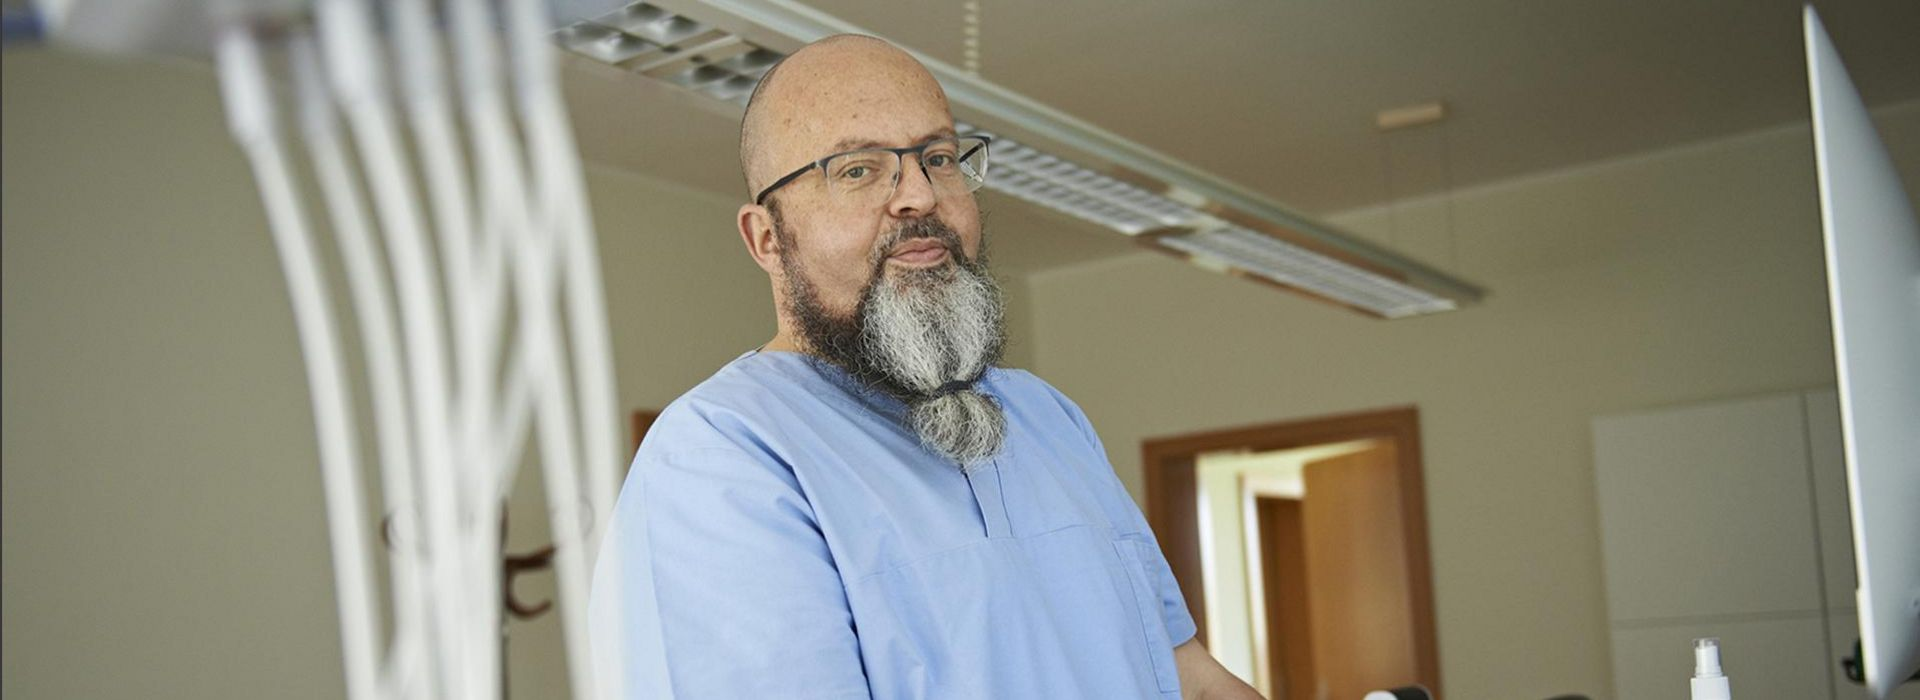 Portrait von Dr. Bruno Mähr